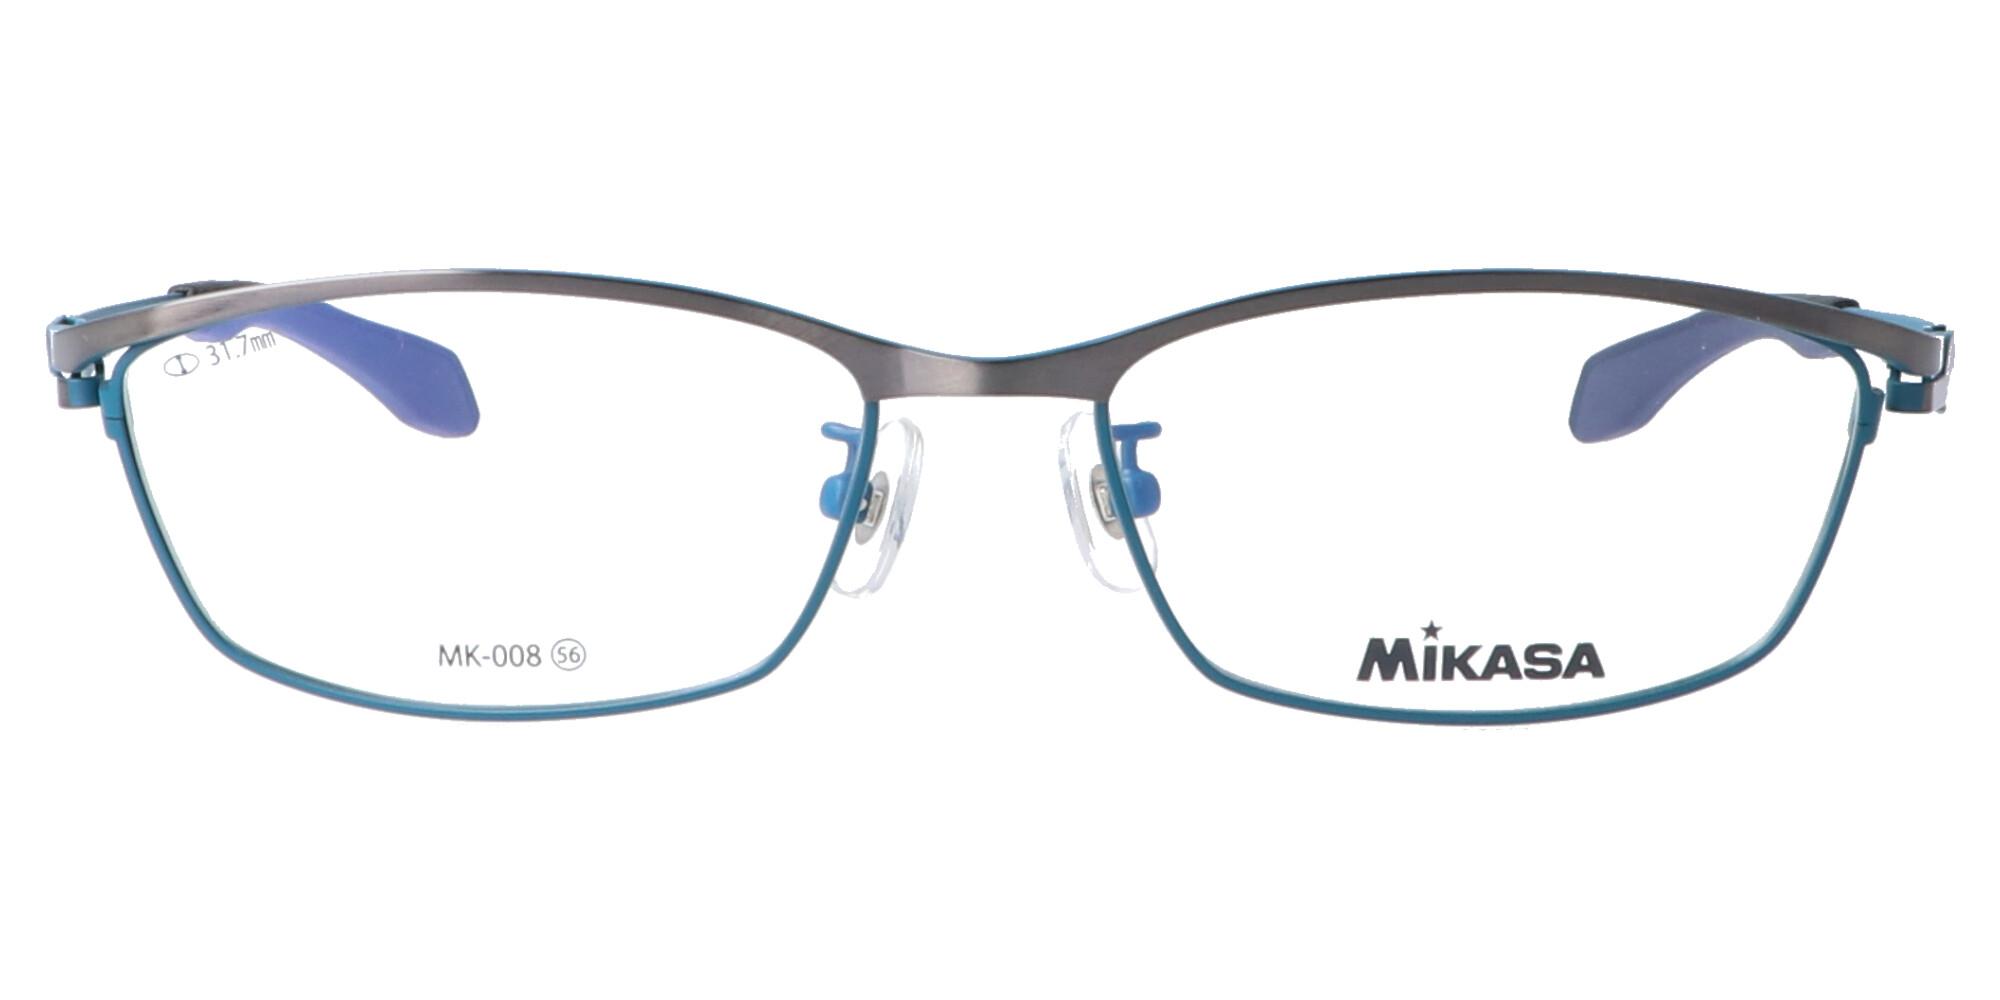 ミカサ MK-008_56_シャーリンググレー